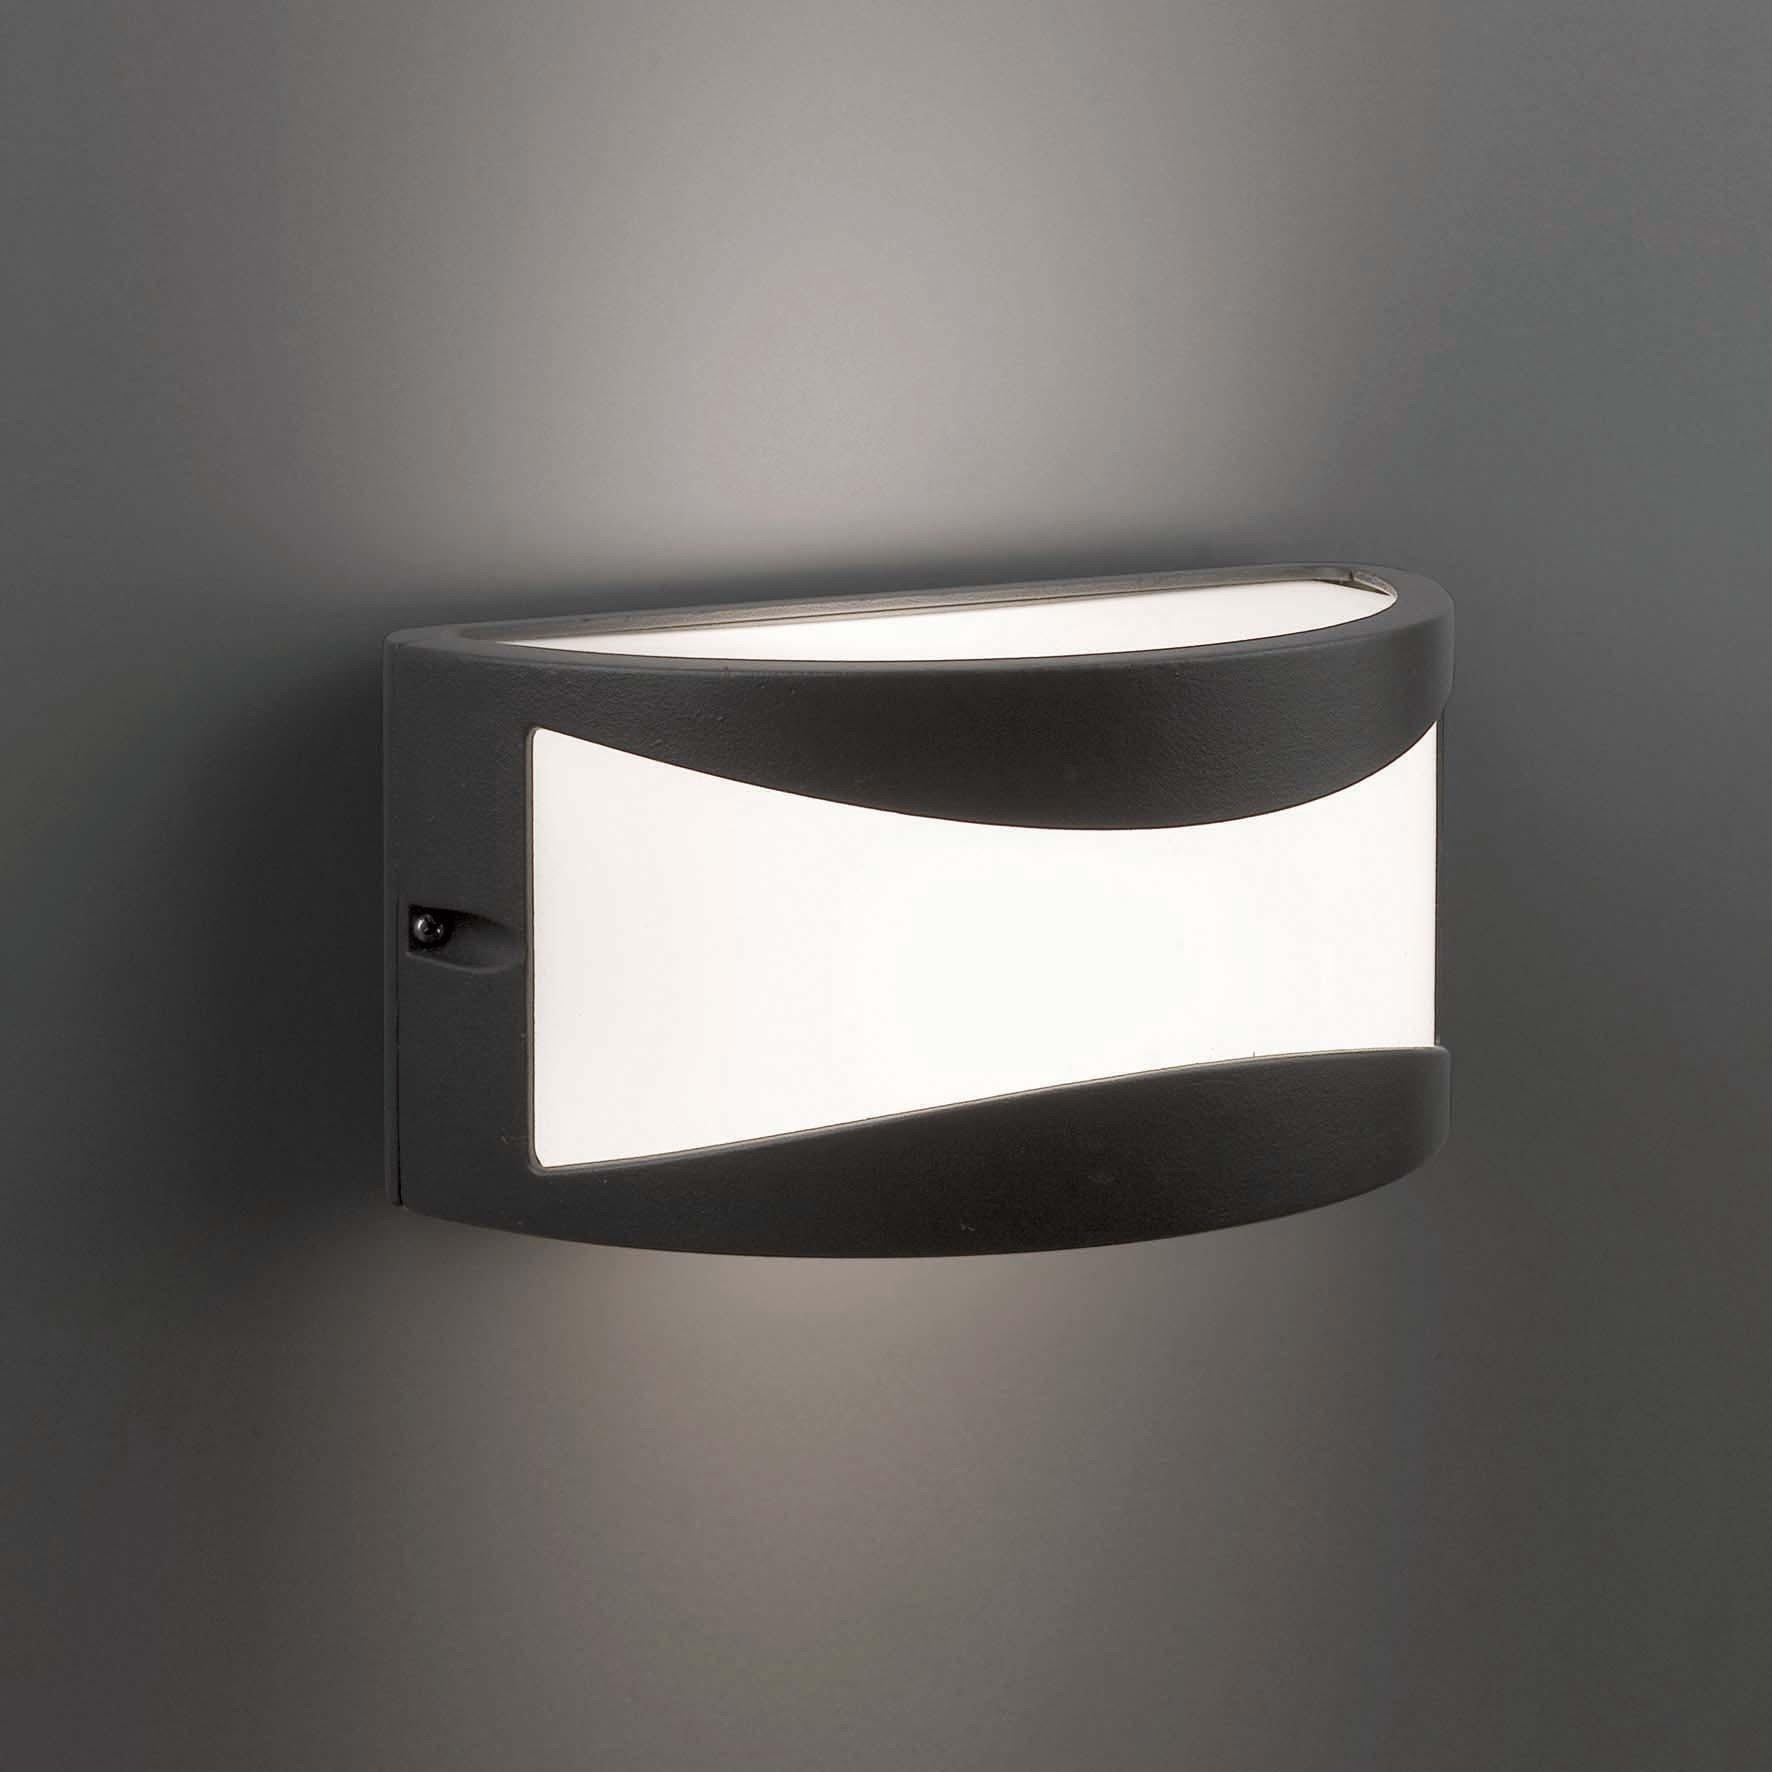 Faro bonn l mpara aplique gris oscuro 70702 iluminaci n exterior apliques de pared faro - Faro iluminacion exterior ...